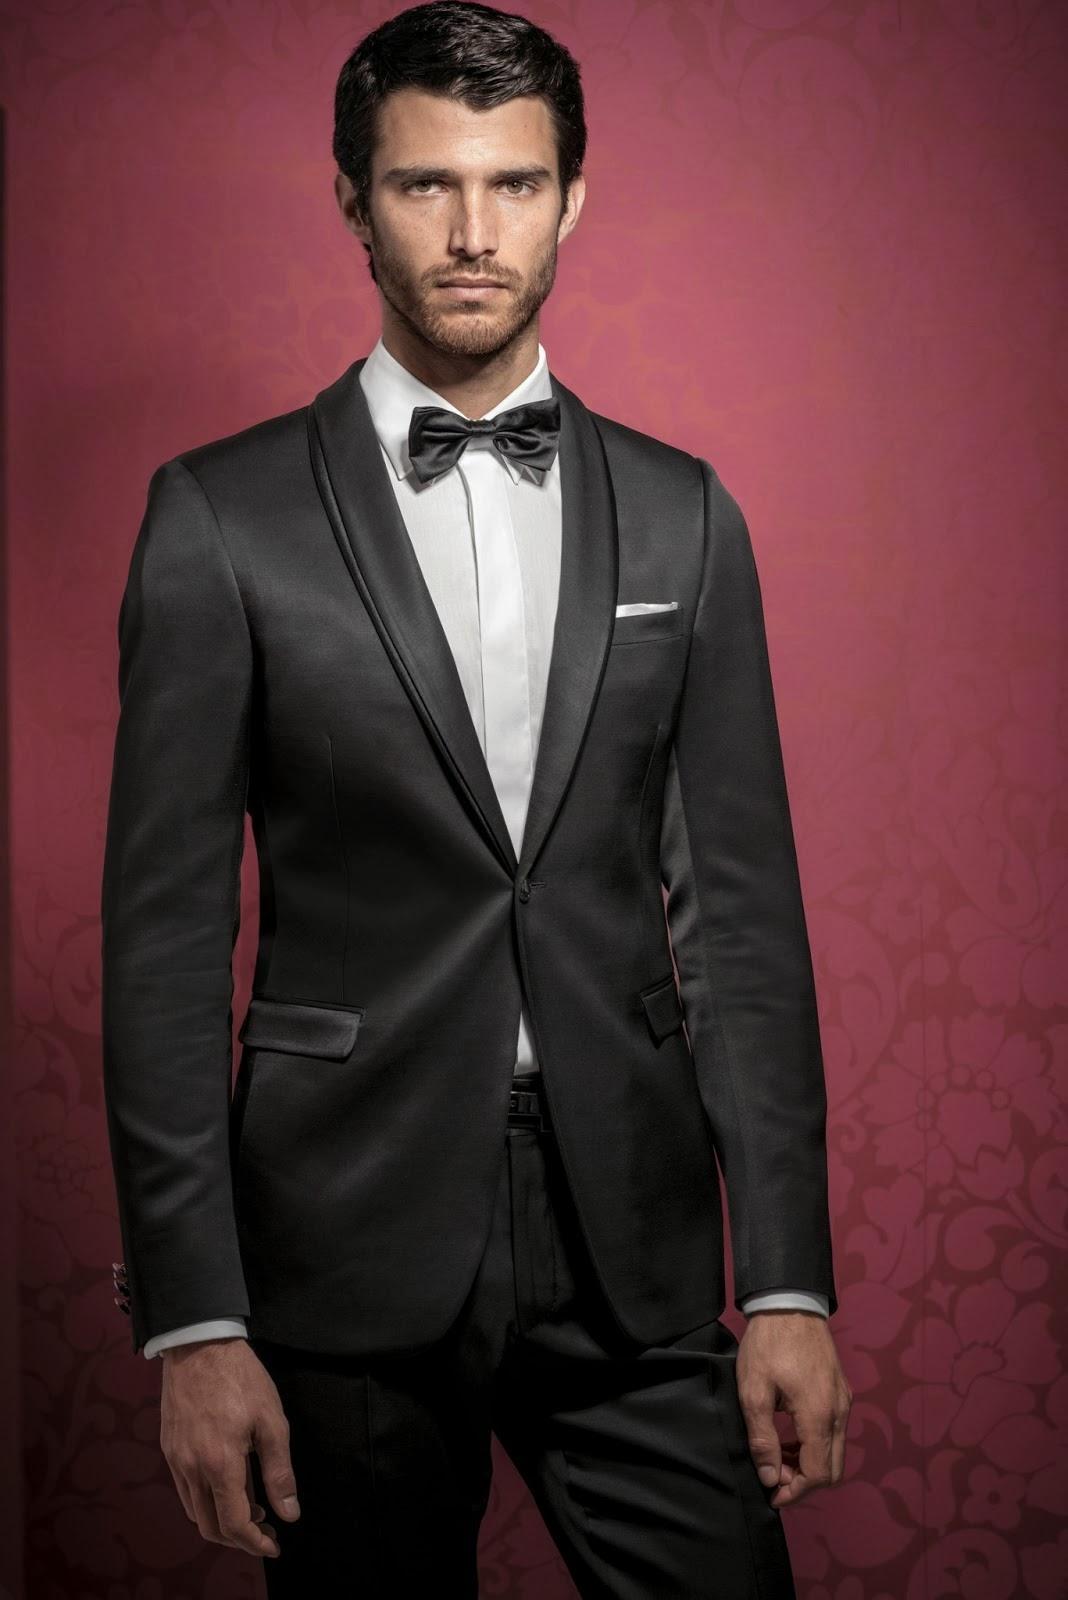 9b4f241bdc Confeccionamos Smoking - Tuxedos a tu medida. Ideales para una Cena de  Gala